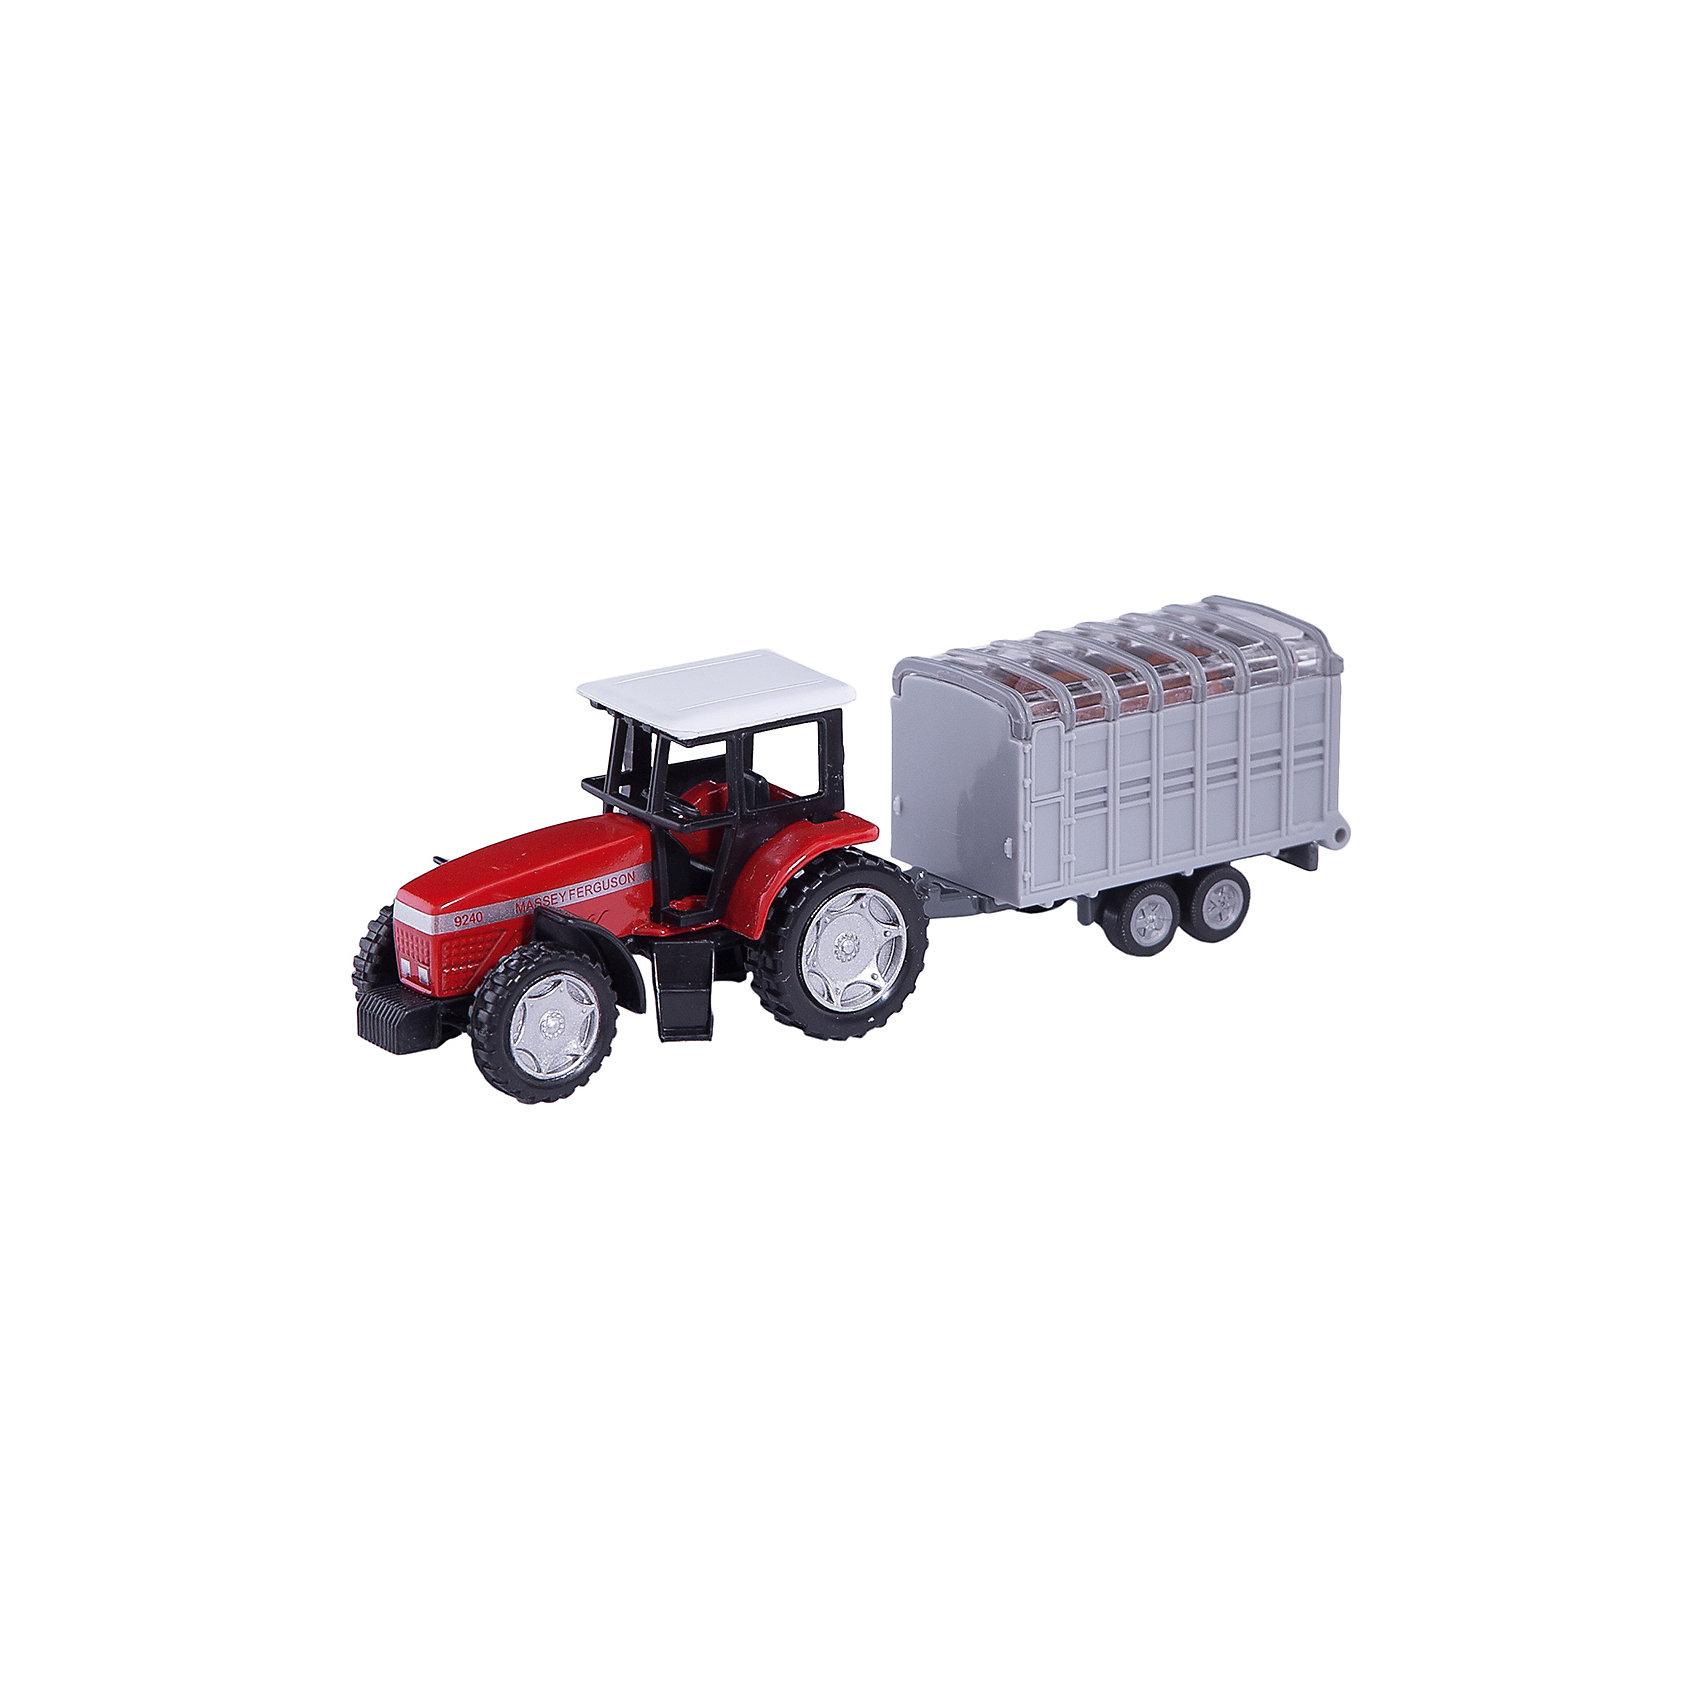 SIKU 1640 Трактор с прицепом для скотаНабор SIKU (СИКУ) 1640 Трактор с прицепом для скота включает в себя модель трактора и прицепа для перевозки домашнего скота. В комплект также входит фигурка коровы.<br><br>Корпус трактора выполнен из металла, кабина трактора и кузов прицепа из пластмассы, колёса выполнены из пластмассы и вращаются, можно катать. Модели в точности повторяют внешний вид настоящей машины, а подвижные колеса, съемные детали и вставки из прозрачного пластика делают их еще более реалистичной и красочной. Рампа прицепа поднимается и опускается. <br><br>Дополнительная информация:<br>-Размер игрушки: 13,7 x 3,6 x 4,5 см <br>-Материал: металл с элементами пластмассы, резина  <br>    <br>Купите эту игрушку в подарок, и ребенок сам придумает множество сценариев и сюжетов игры. Удобная форма машины позволит взять игрушку полностью в руку, что поможет тренировать координацию движения и мелкую моторику.<br><br>SIKU (СИКУ) 1640 Трактор с прицепом для скота можно купить в нашем магазине.<br><br>Ширина мм: 195<br>Глубина мм: 78<br>Высота мм: 40<br>Вес г: 85<br>Возраст от месяцев: 36<br>Возраст до месяцев: 96<br>Пол: Мужской<br>Возраст: Детский<br>SKU: 1636697